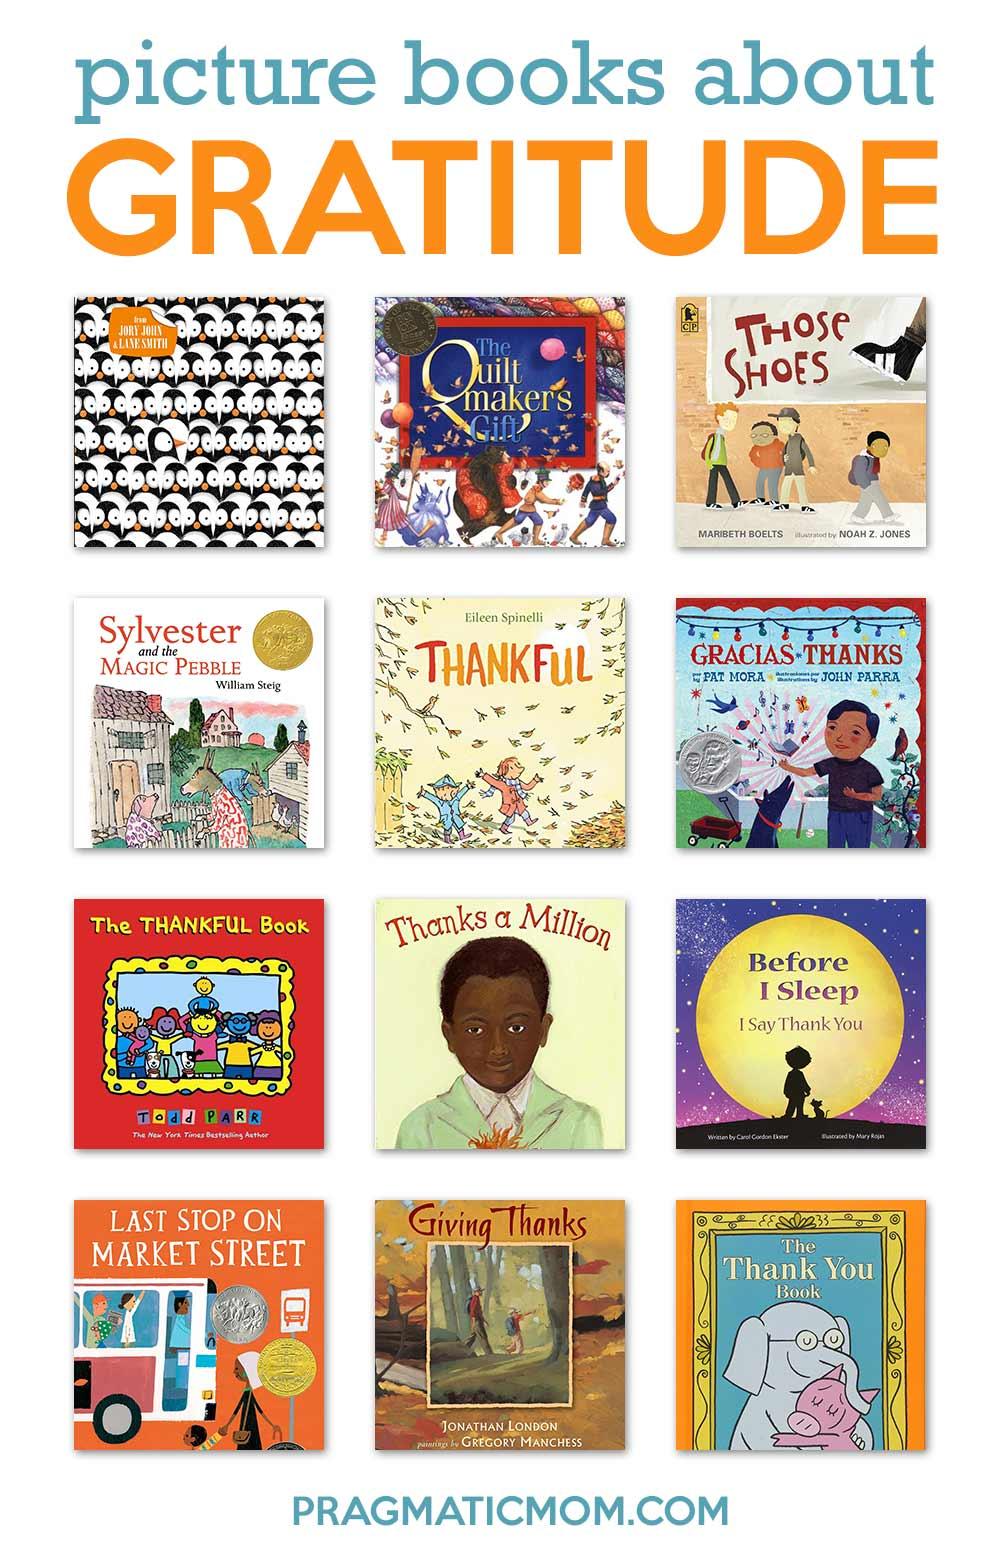 Picture books about gratitude